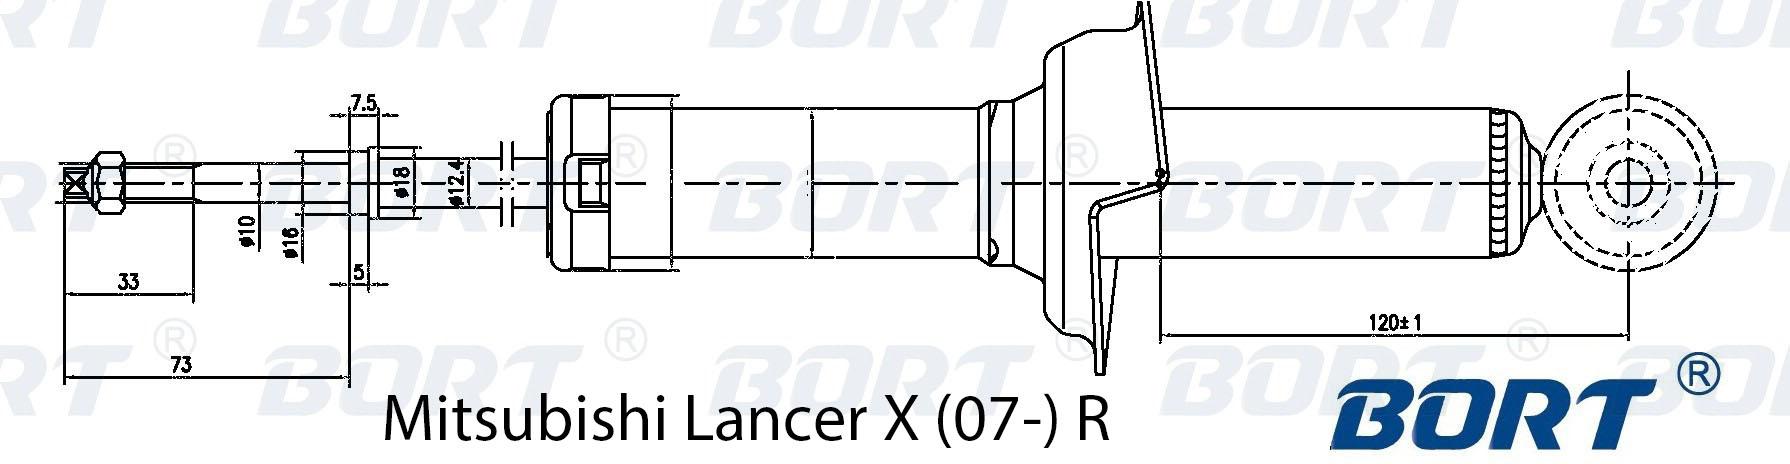 Амортизатор задний газомасляный. BORT (G41238113)